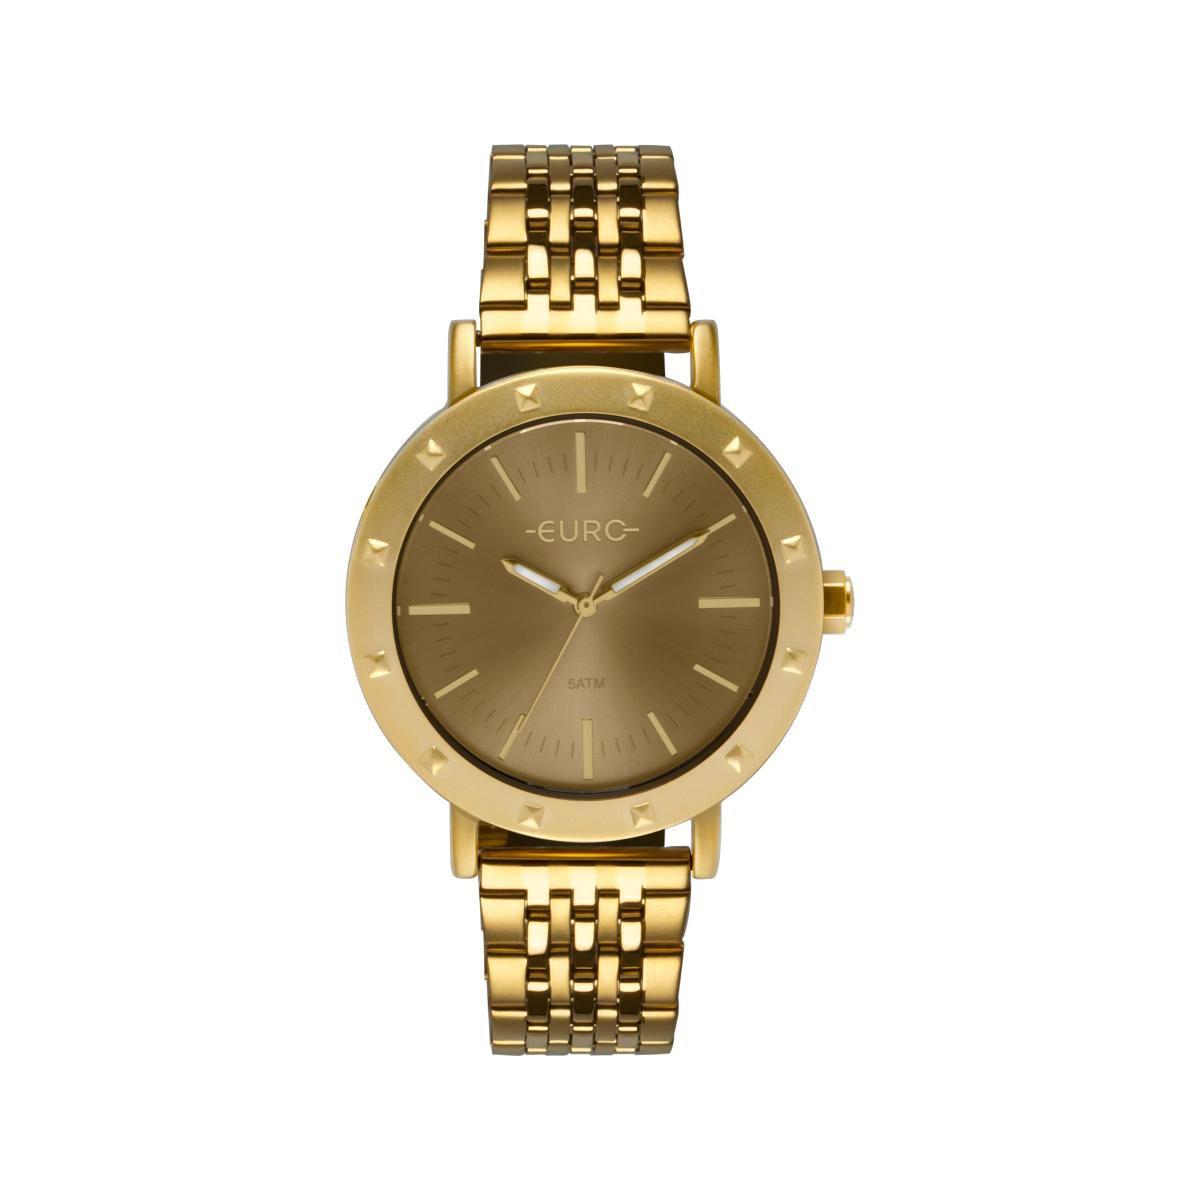 Relógio Feminino Euro EU2035YPH/4D 40mm Aço Dourado